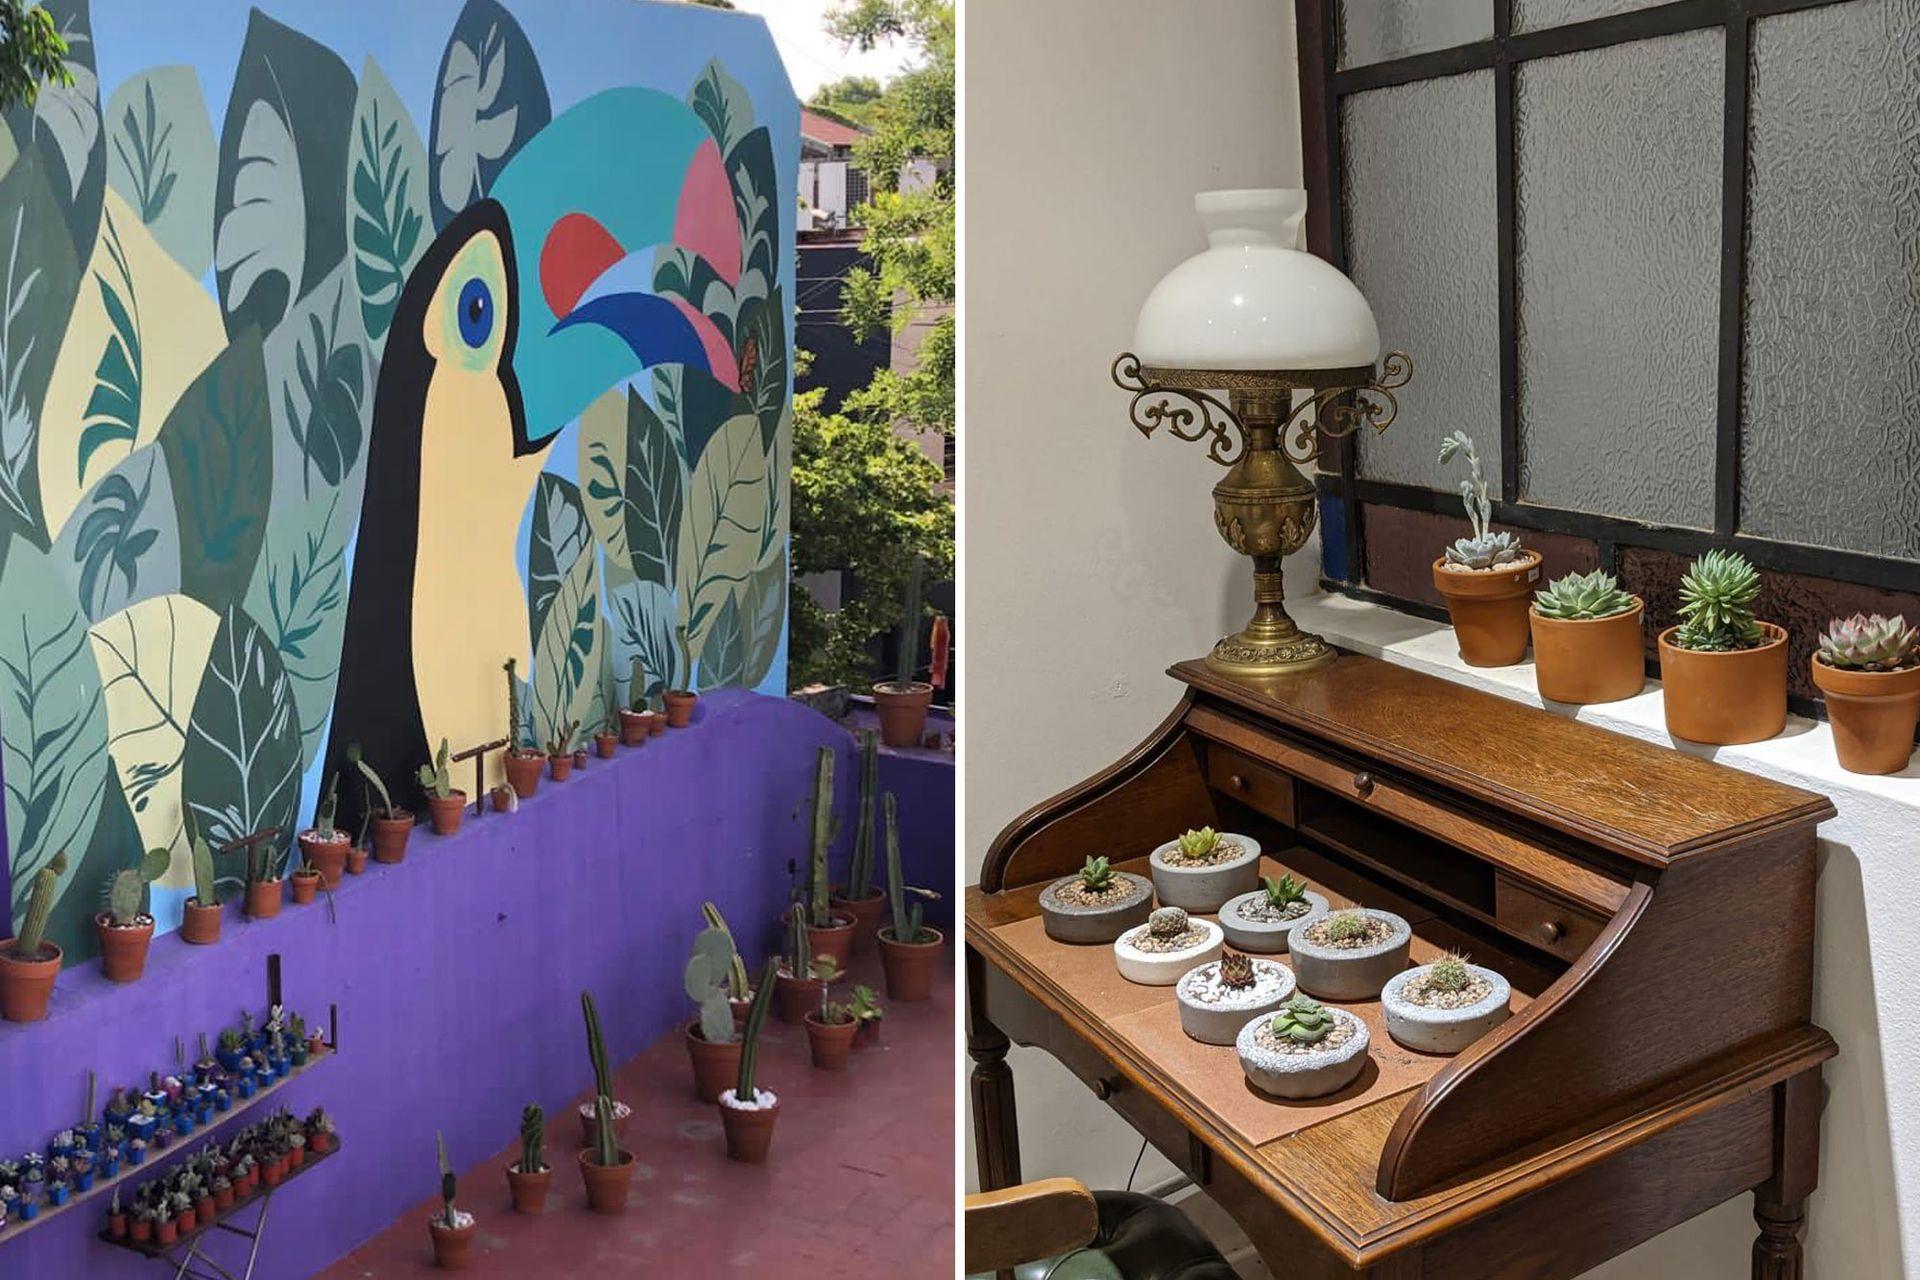 Suculentas del Soho, una terraza llena de plantas en el corazón de un barrio que reúne diseño, gastronomía y cultura.